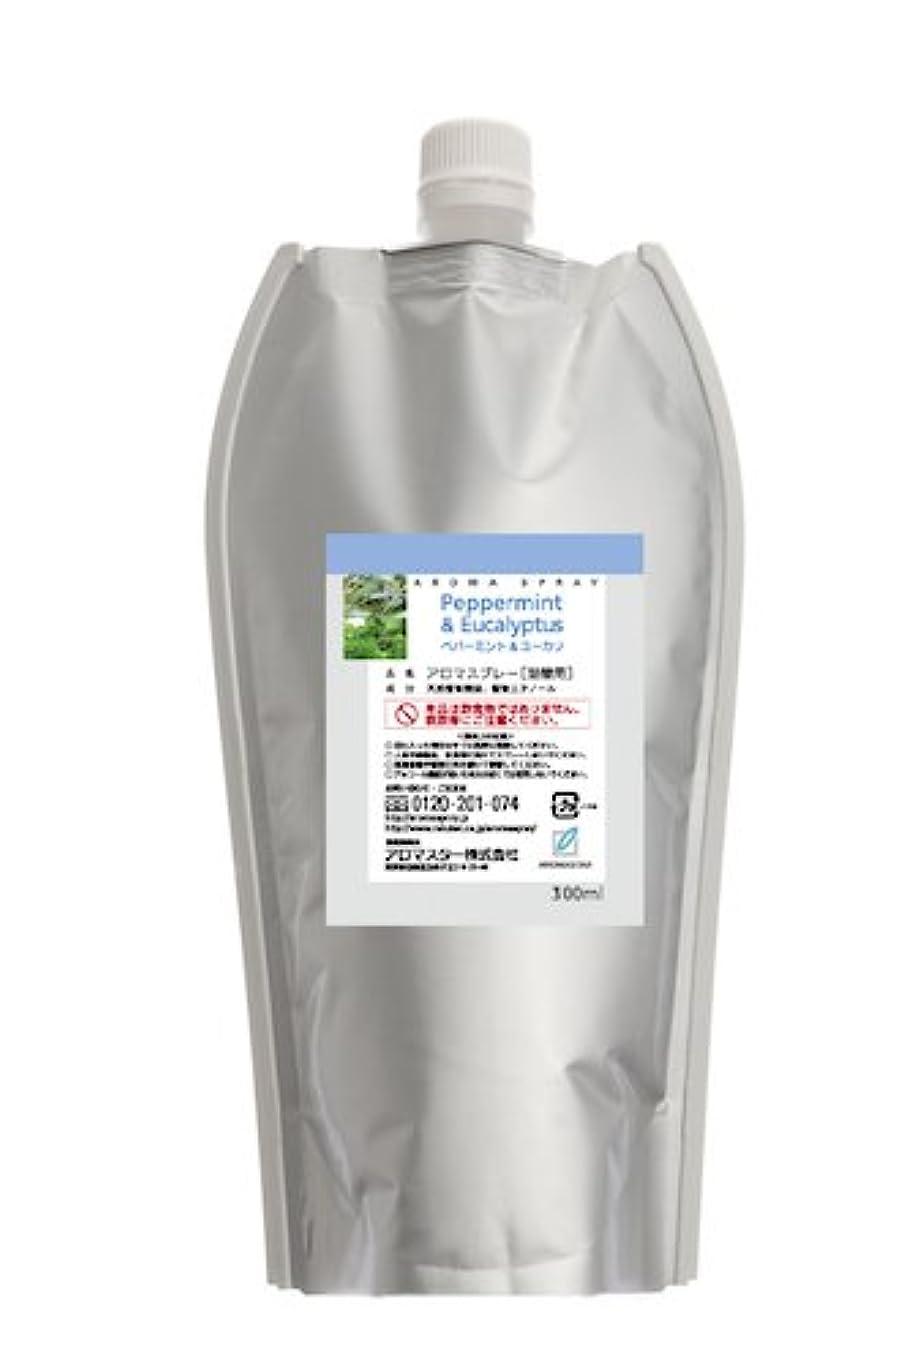 ガイドマーチャンダイザー和AROMASTAR(アロマスター) アロマスプレー ペパーミント&ユーカリ 300ml詰替用(エコパック)